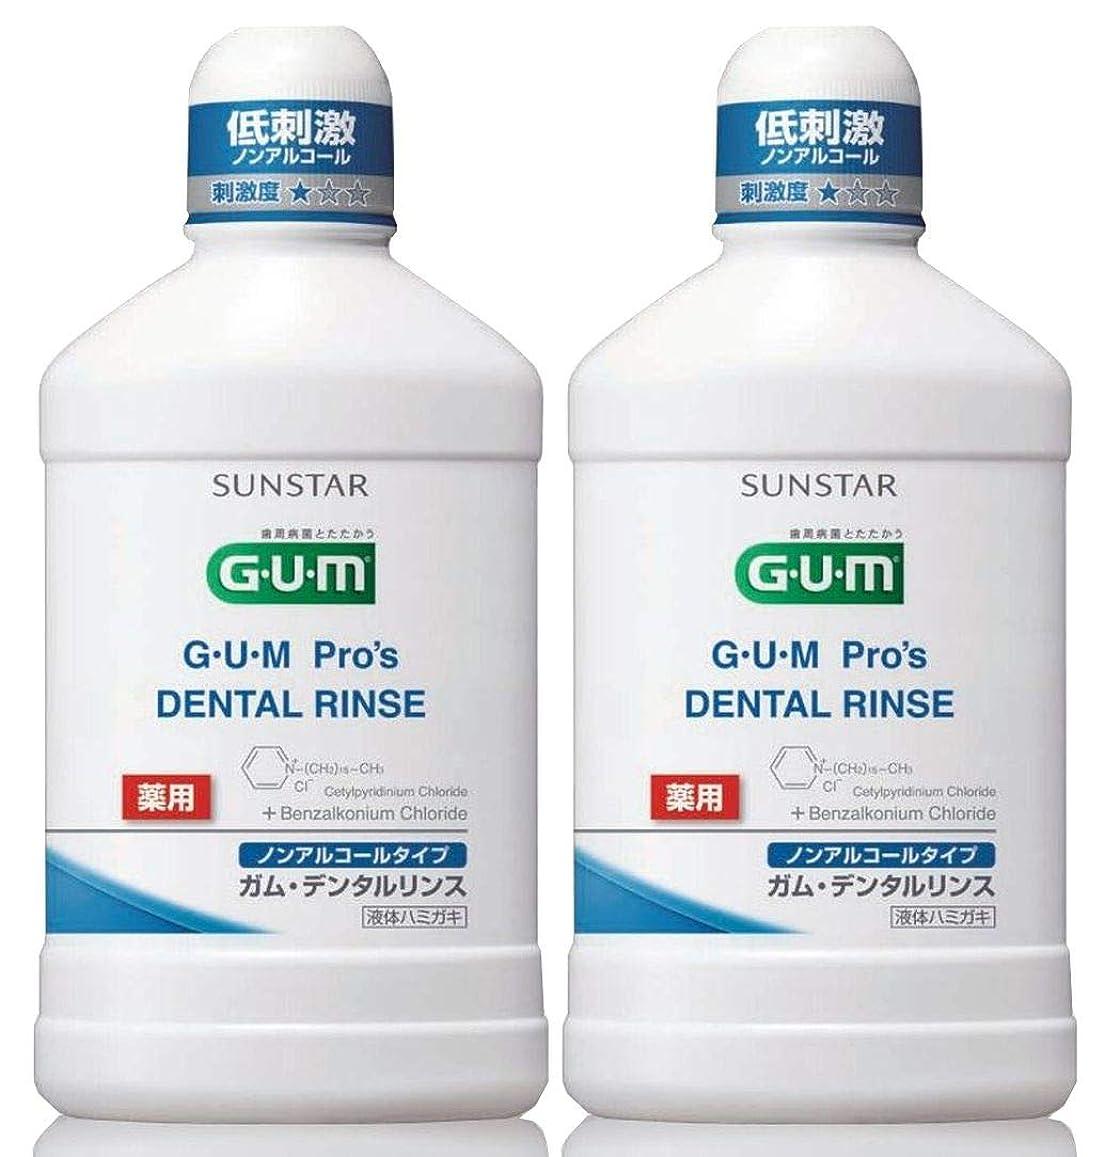 広い言う上に築きます薬用サンスター GUM Pro's デンタルリンス ノンアルコール 1本(500ml) 液体歯磨き× 2本